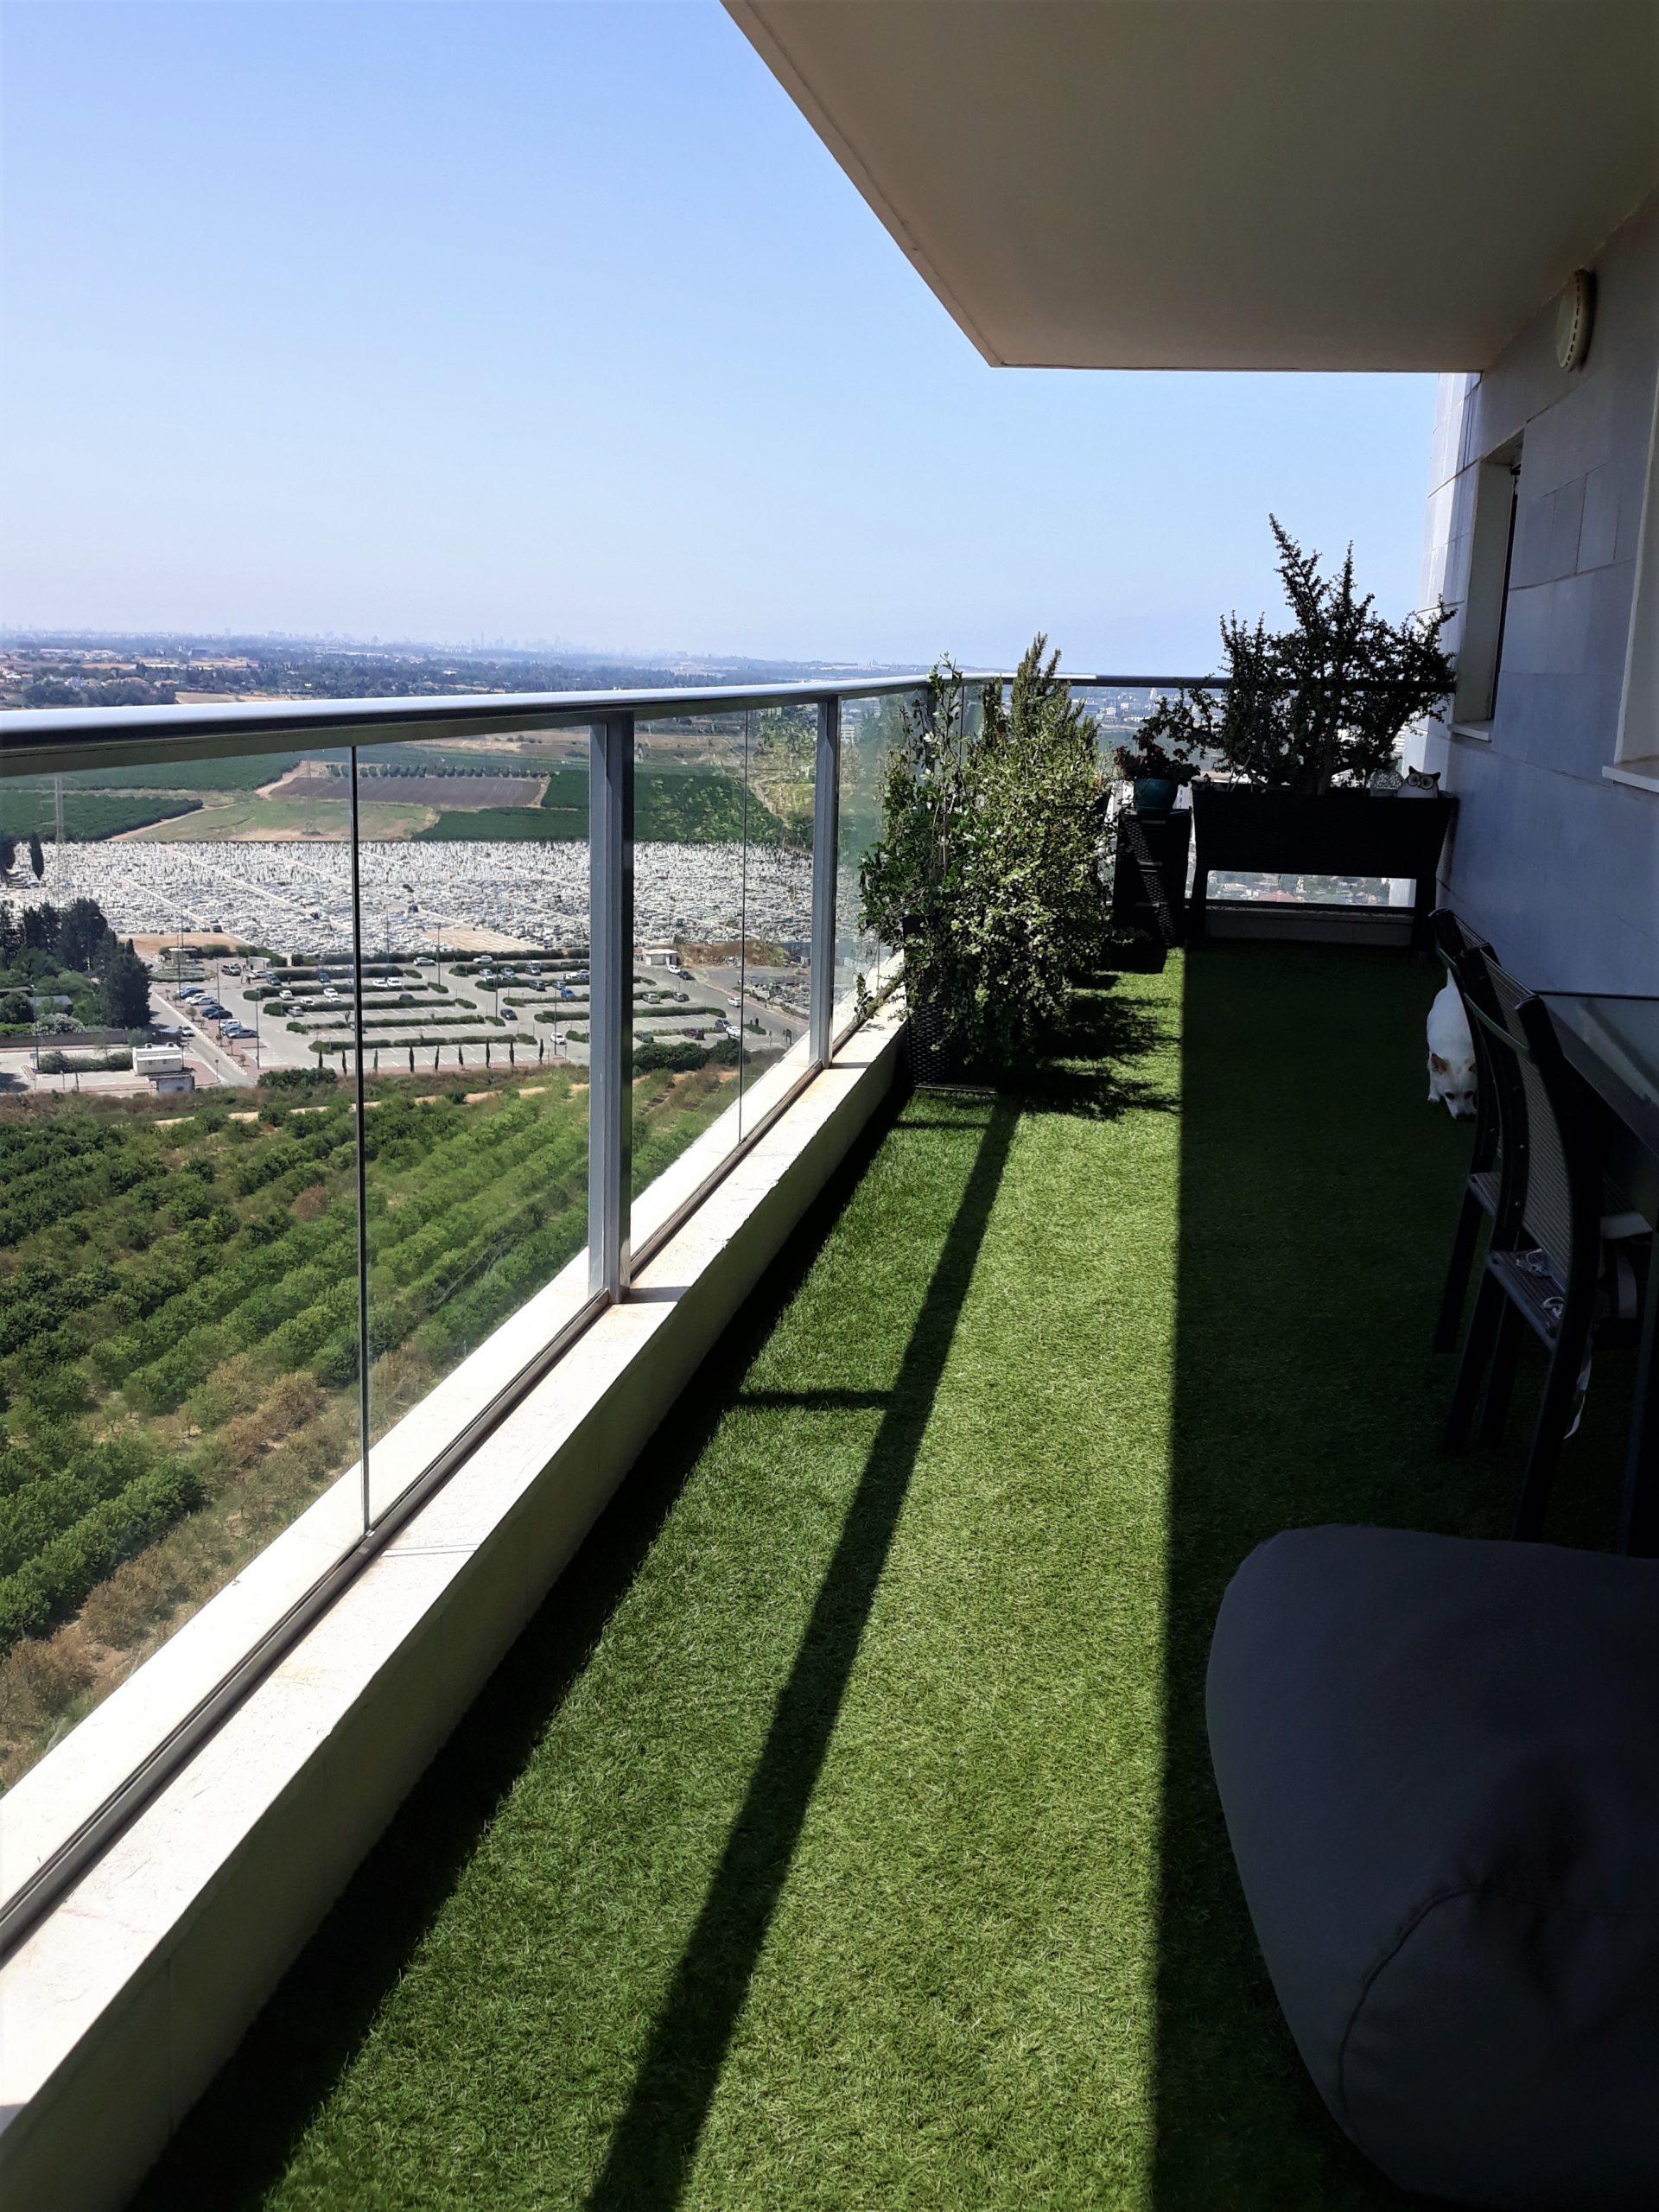 A vendre appartement terrasse 27m2 Natanya